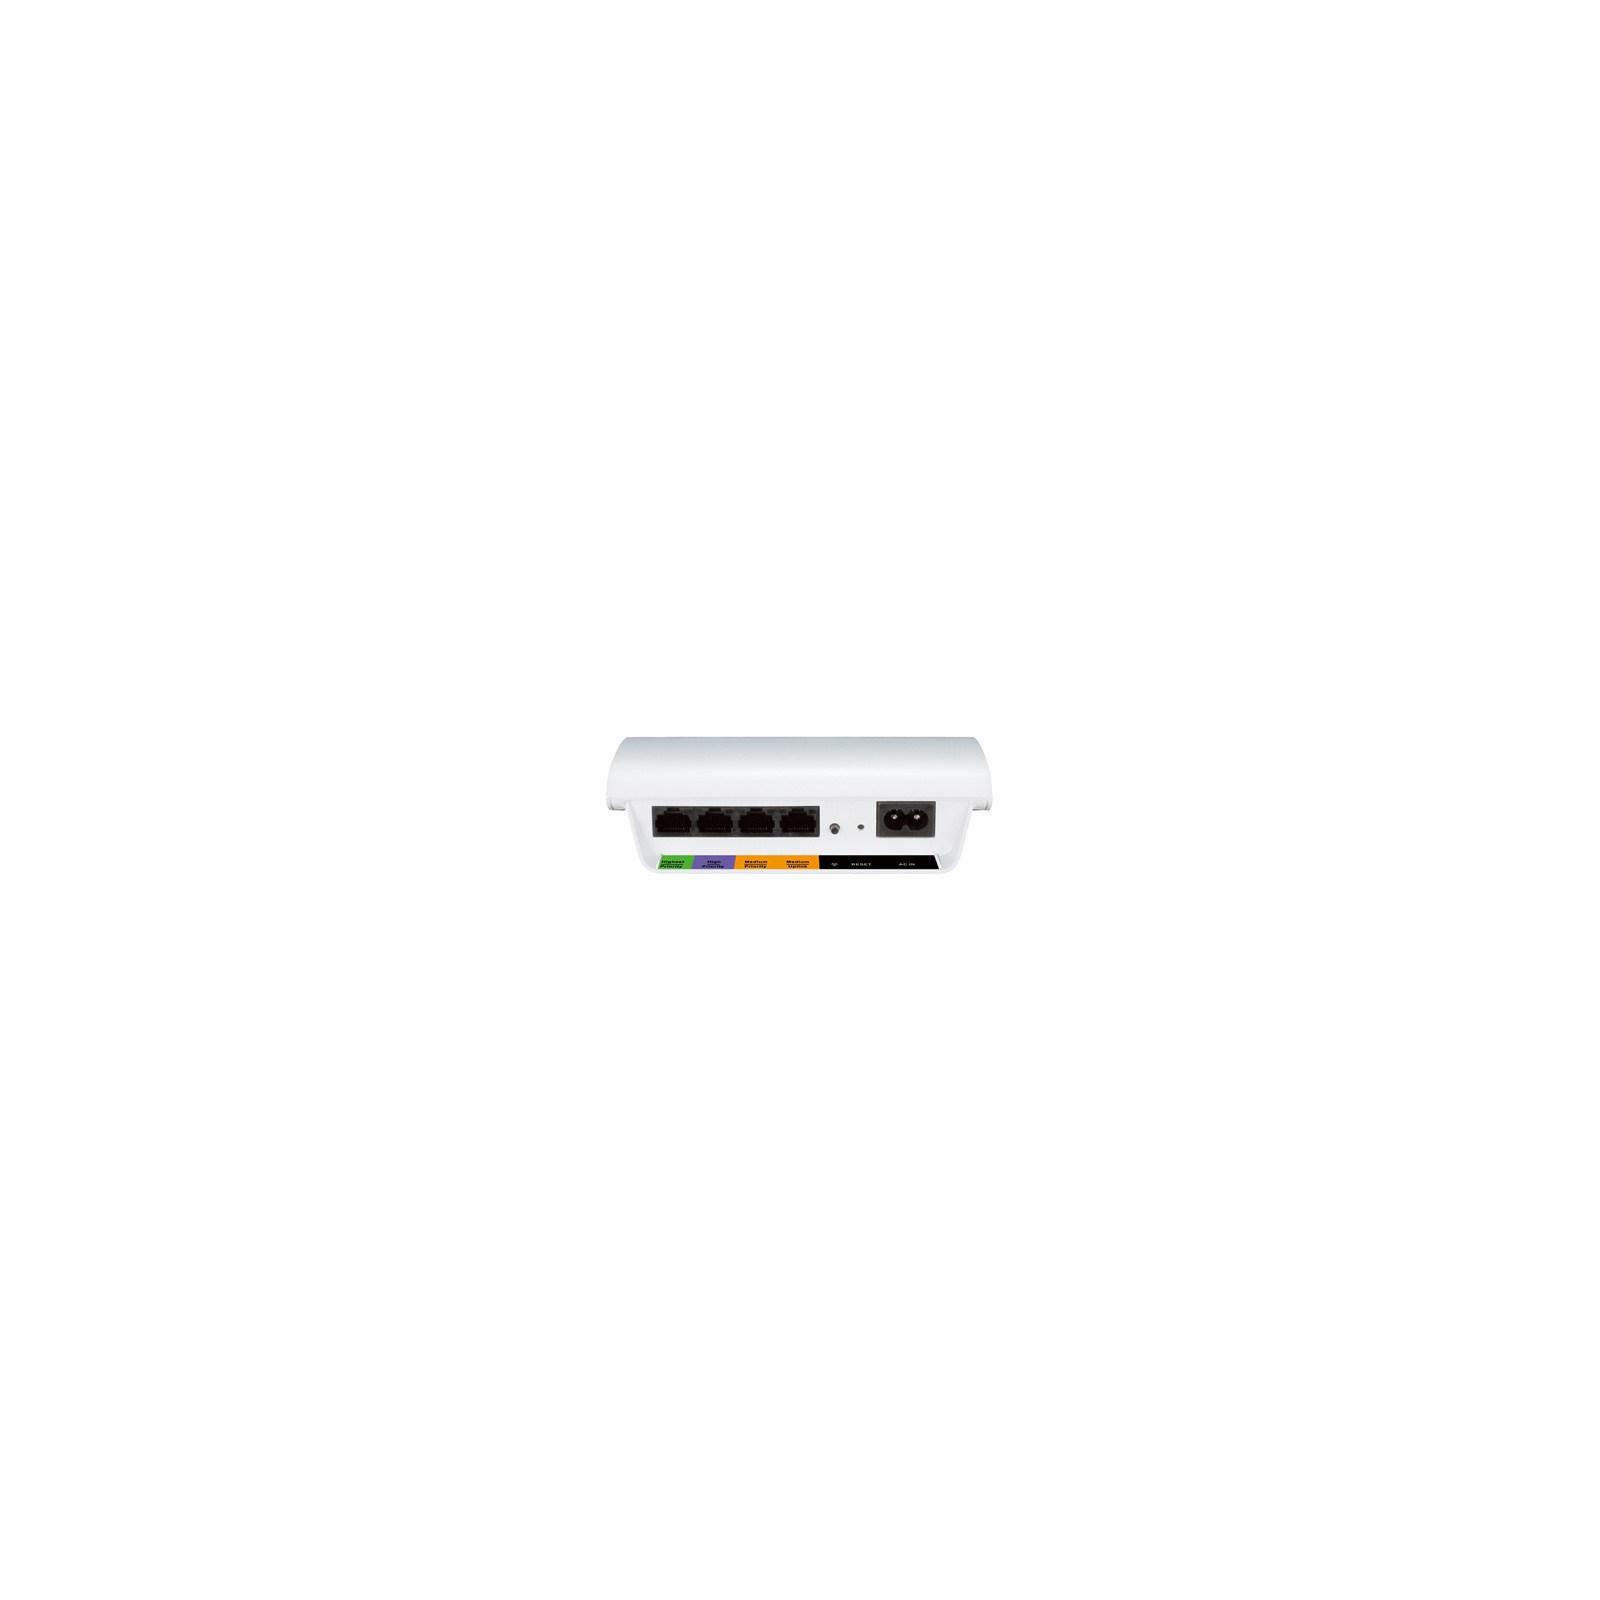 Коммутатор сетевой D-Link DHP-347AV изображение 2